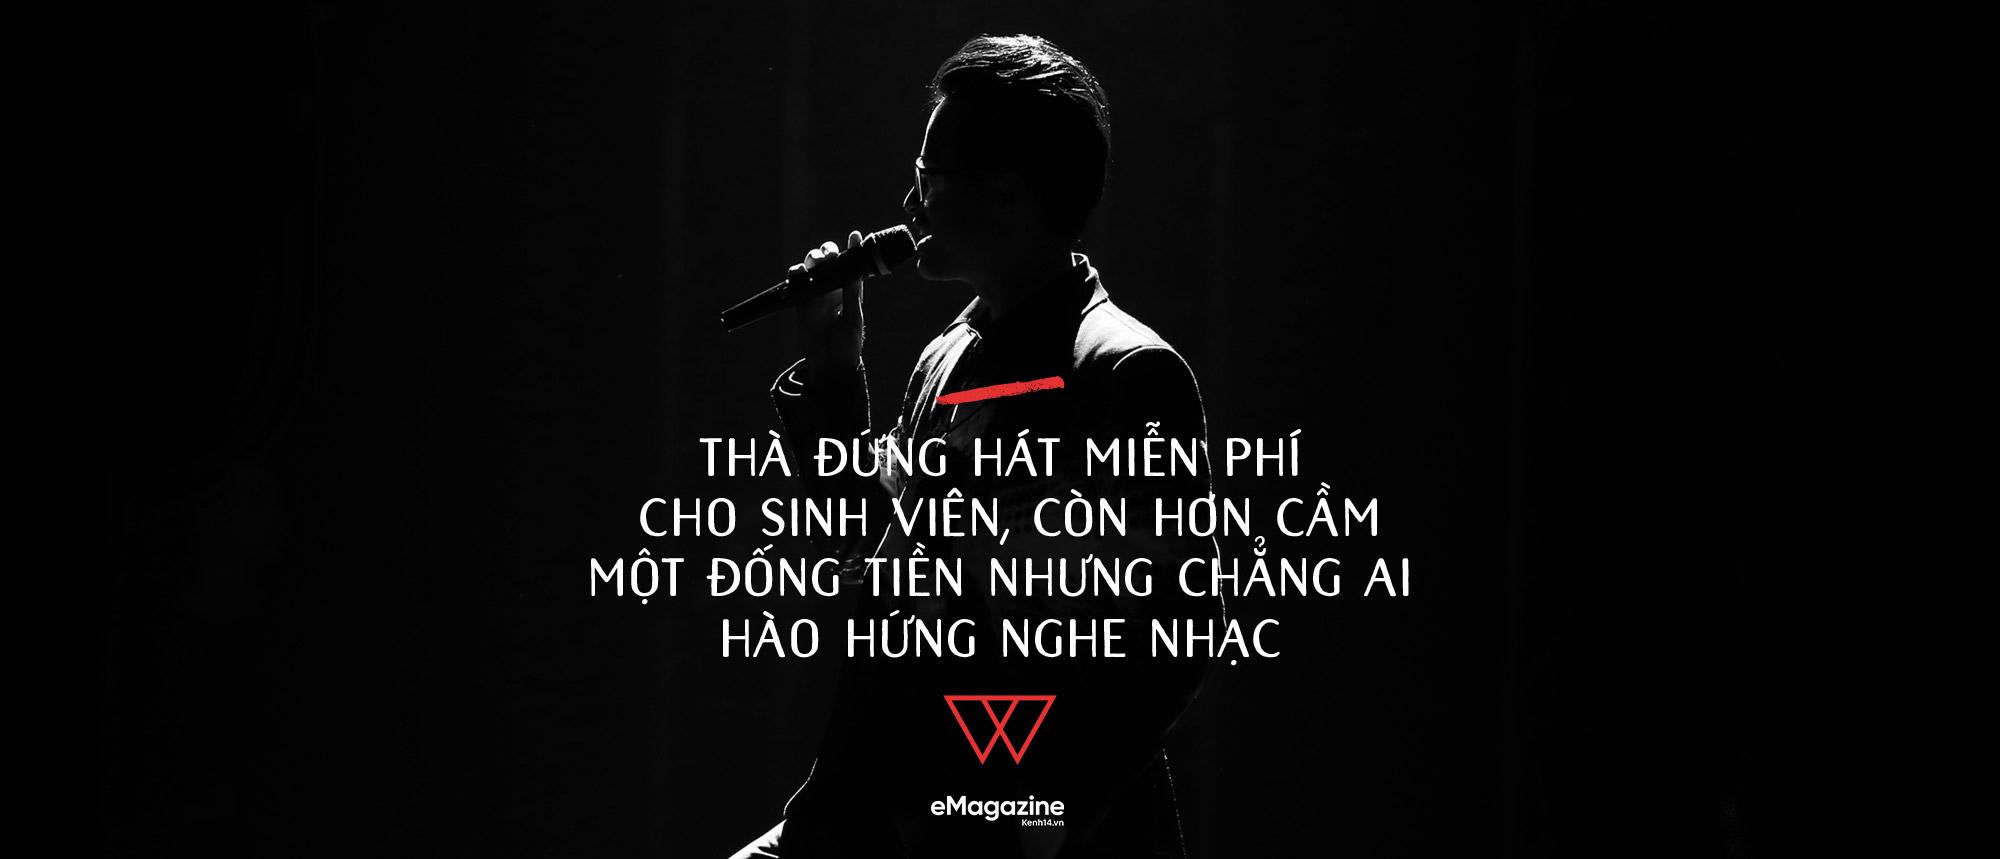 Hà Anh Tuấn: Không có nhạc sang hay hèn, thị trường hay không, chỉ có nhạc được làm tử tế hay cẩu thả - Ảnh 15.